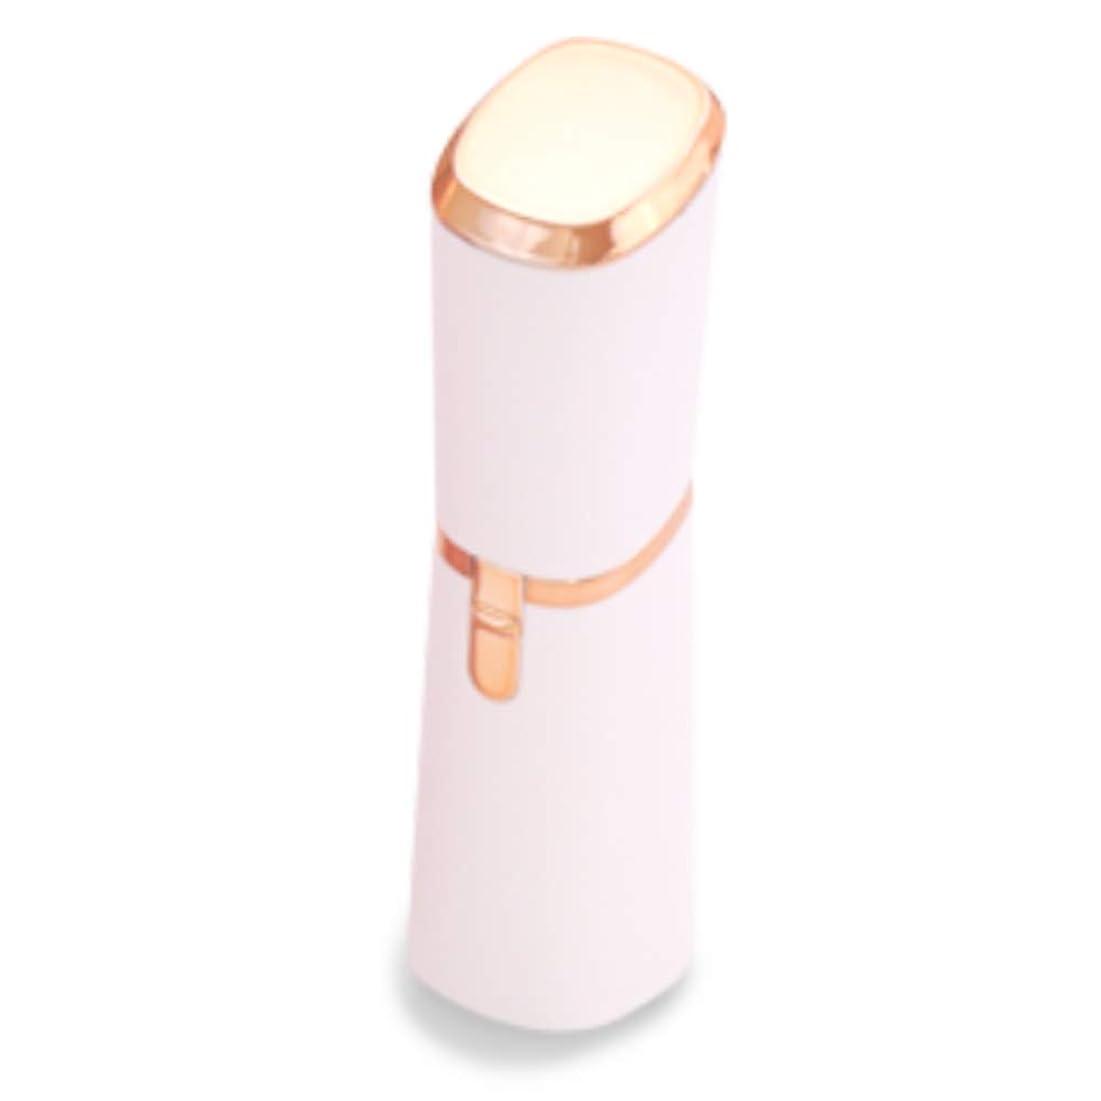 委任する防止呼吸リップスティック型シェーバー Sorouge(ソルージュ) ホワイト